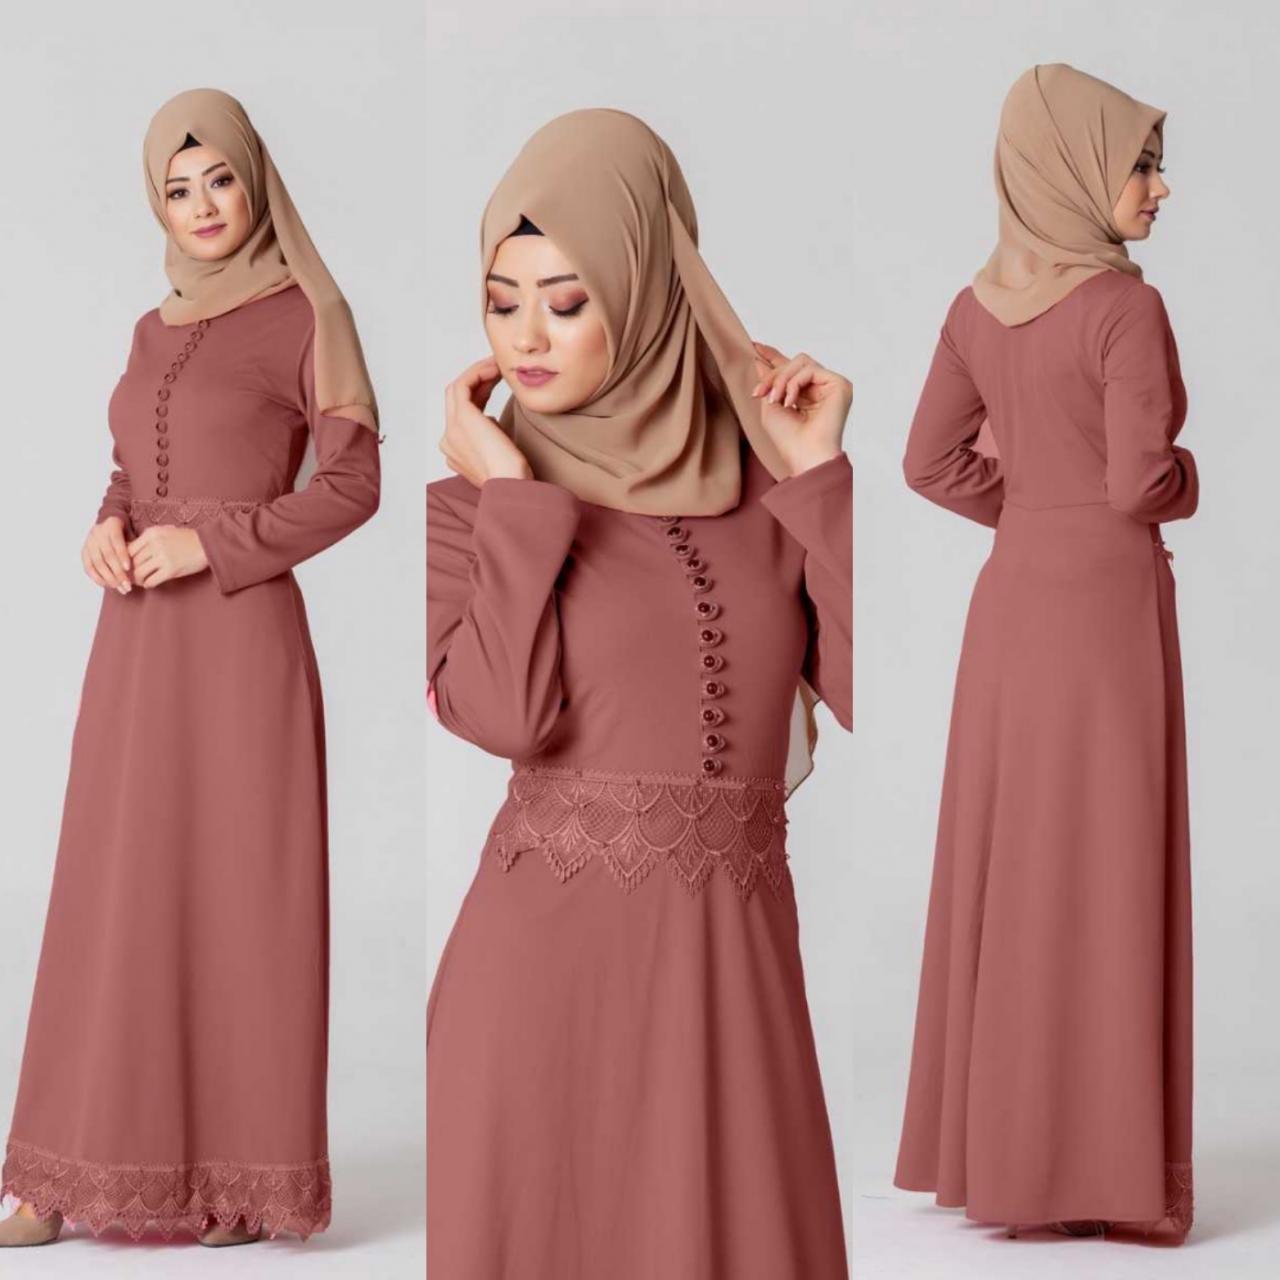 صورة كيف تصنعين فستان طويل بسيط بخطوات بسيطة , طريقة خياطة فستان بنفسك